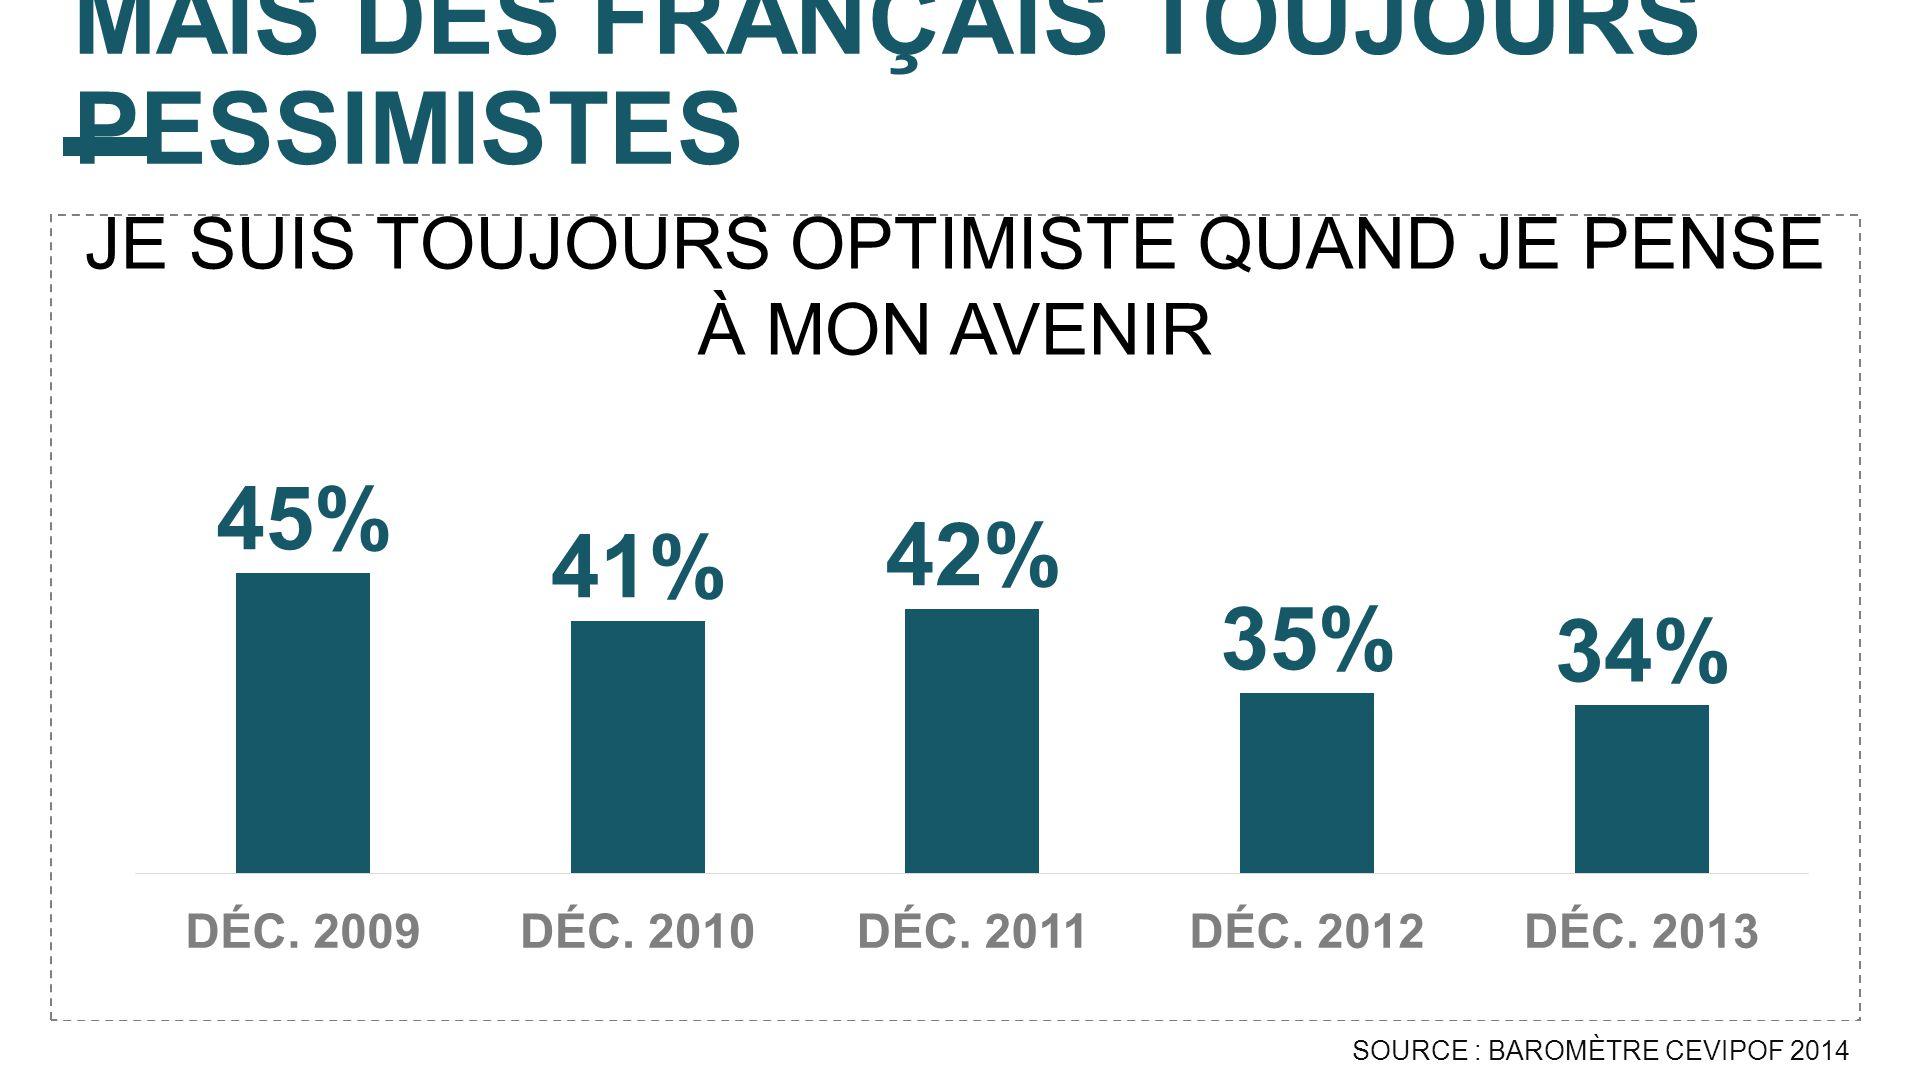 MAIS DES FRANÇAIS TOUJOURS PESSIMISTES SOURCE : BAROMÈTRE CEVIPOF 2014 JE SUIS TOUJOURS OPTIMISTE QUAND JE PENSE À MON AVENIR